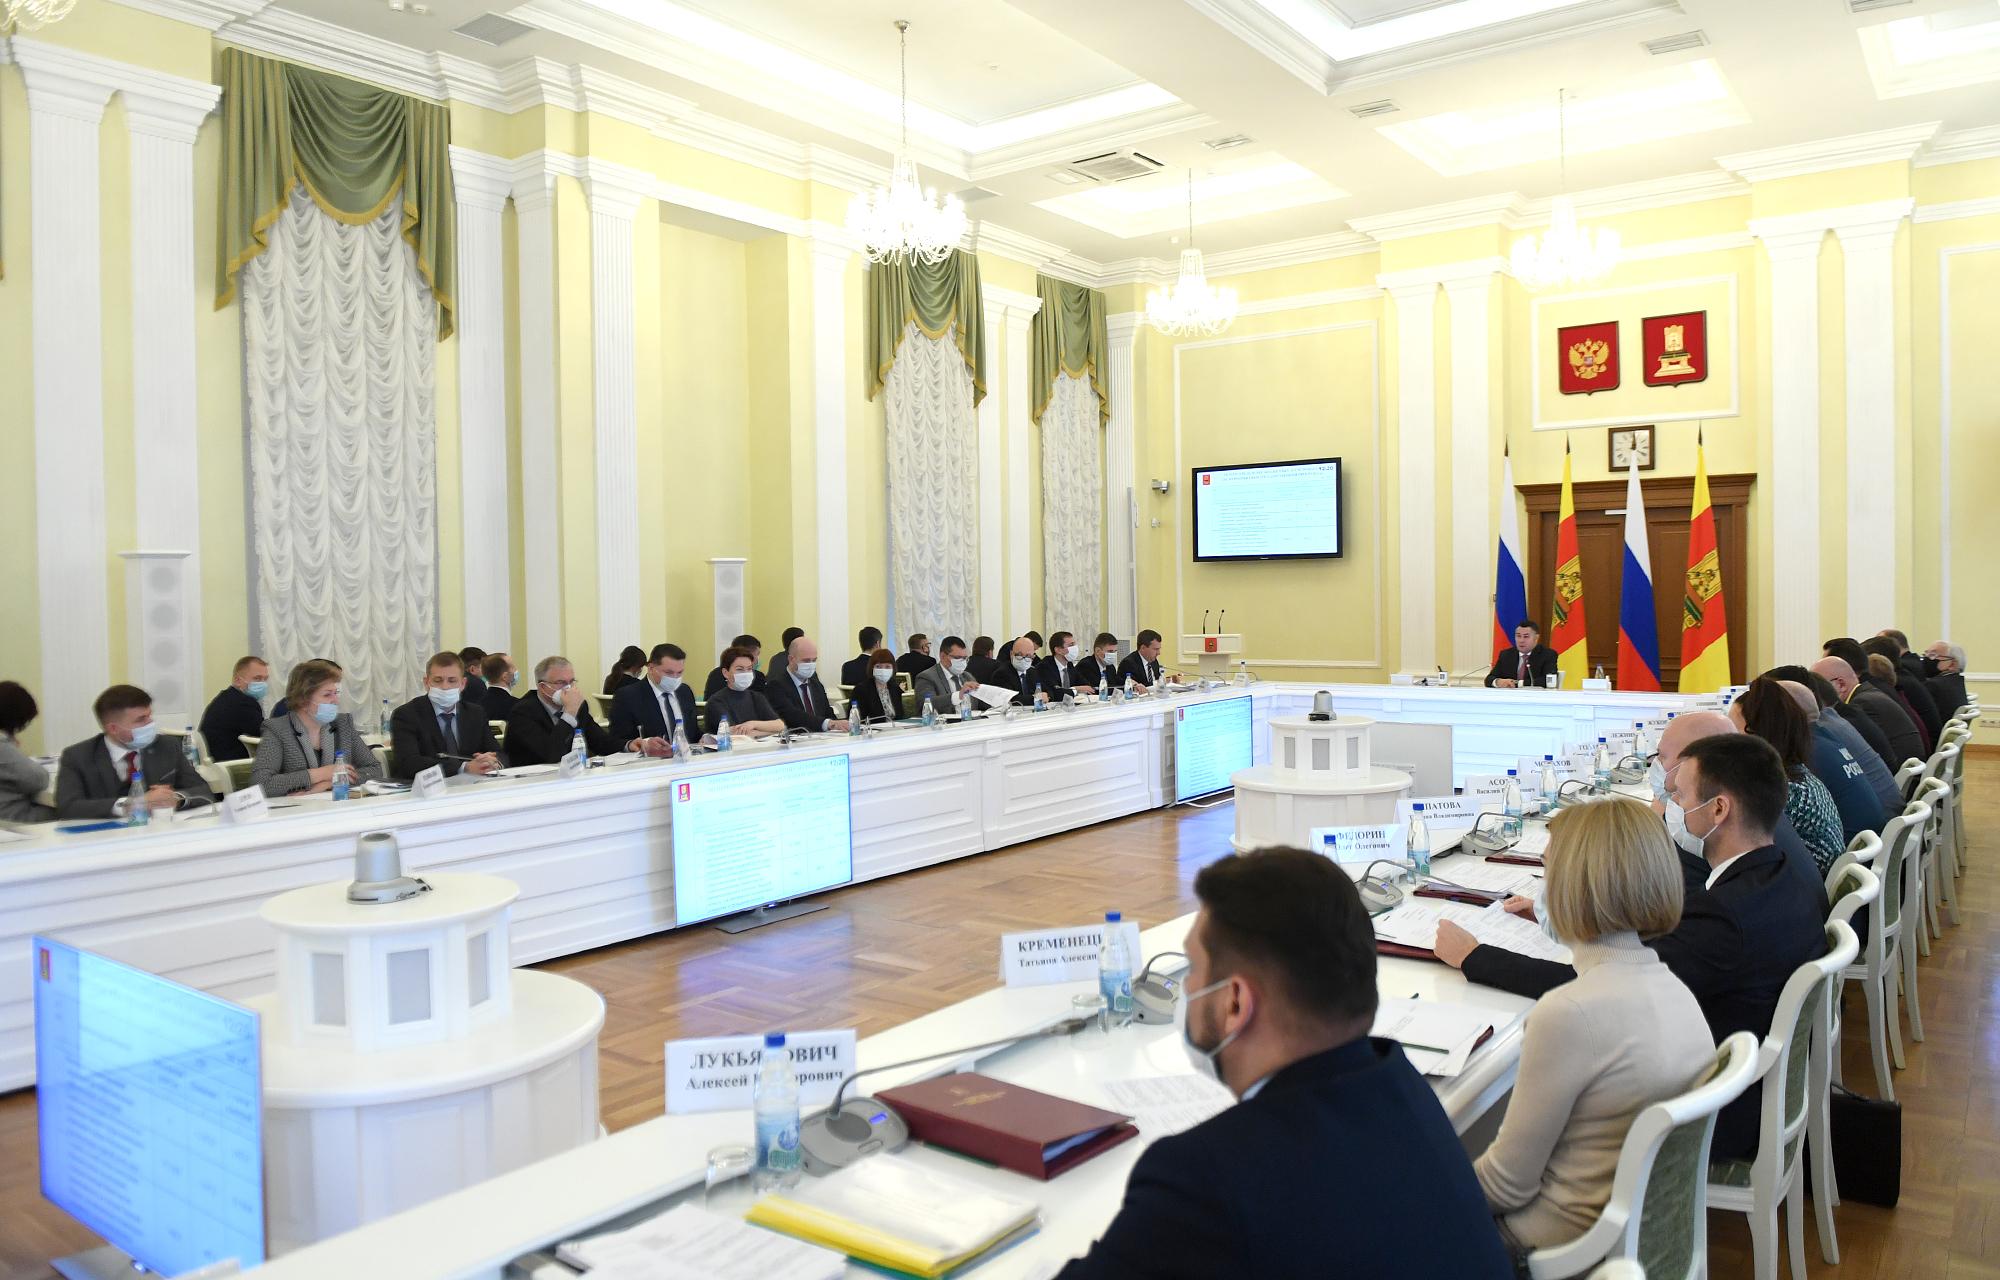 В Тверской области построят и реконструируют 69 объектов инфраструктуры и социальной сферы по программе АИП